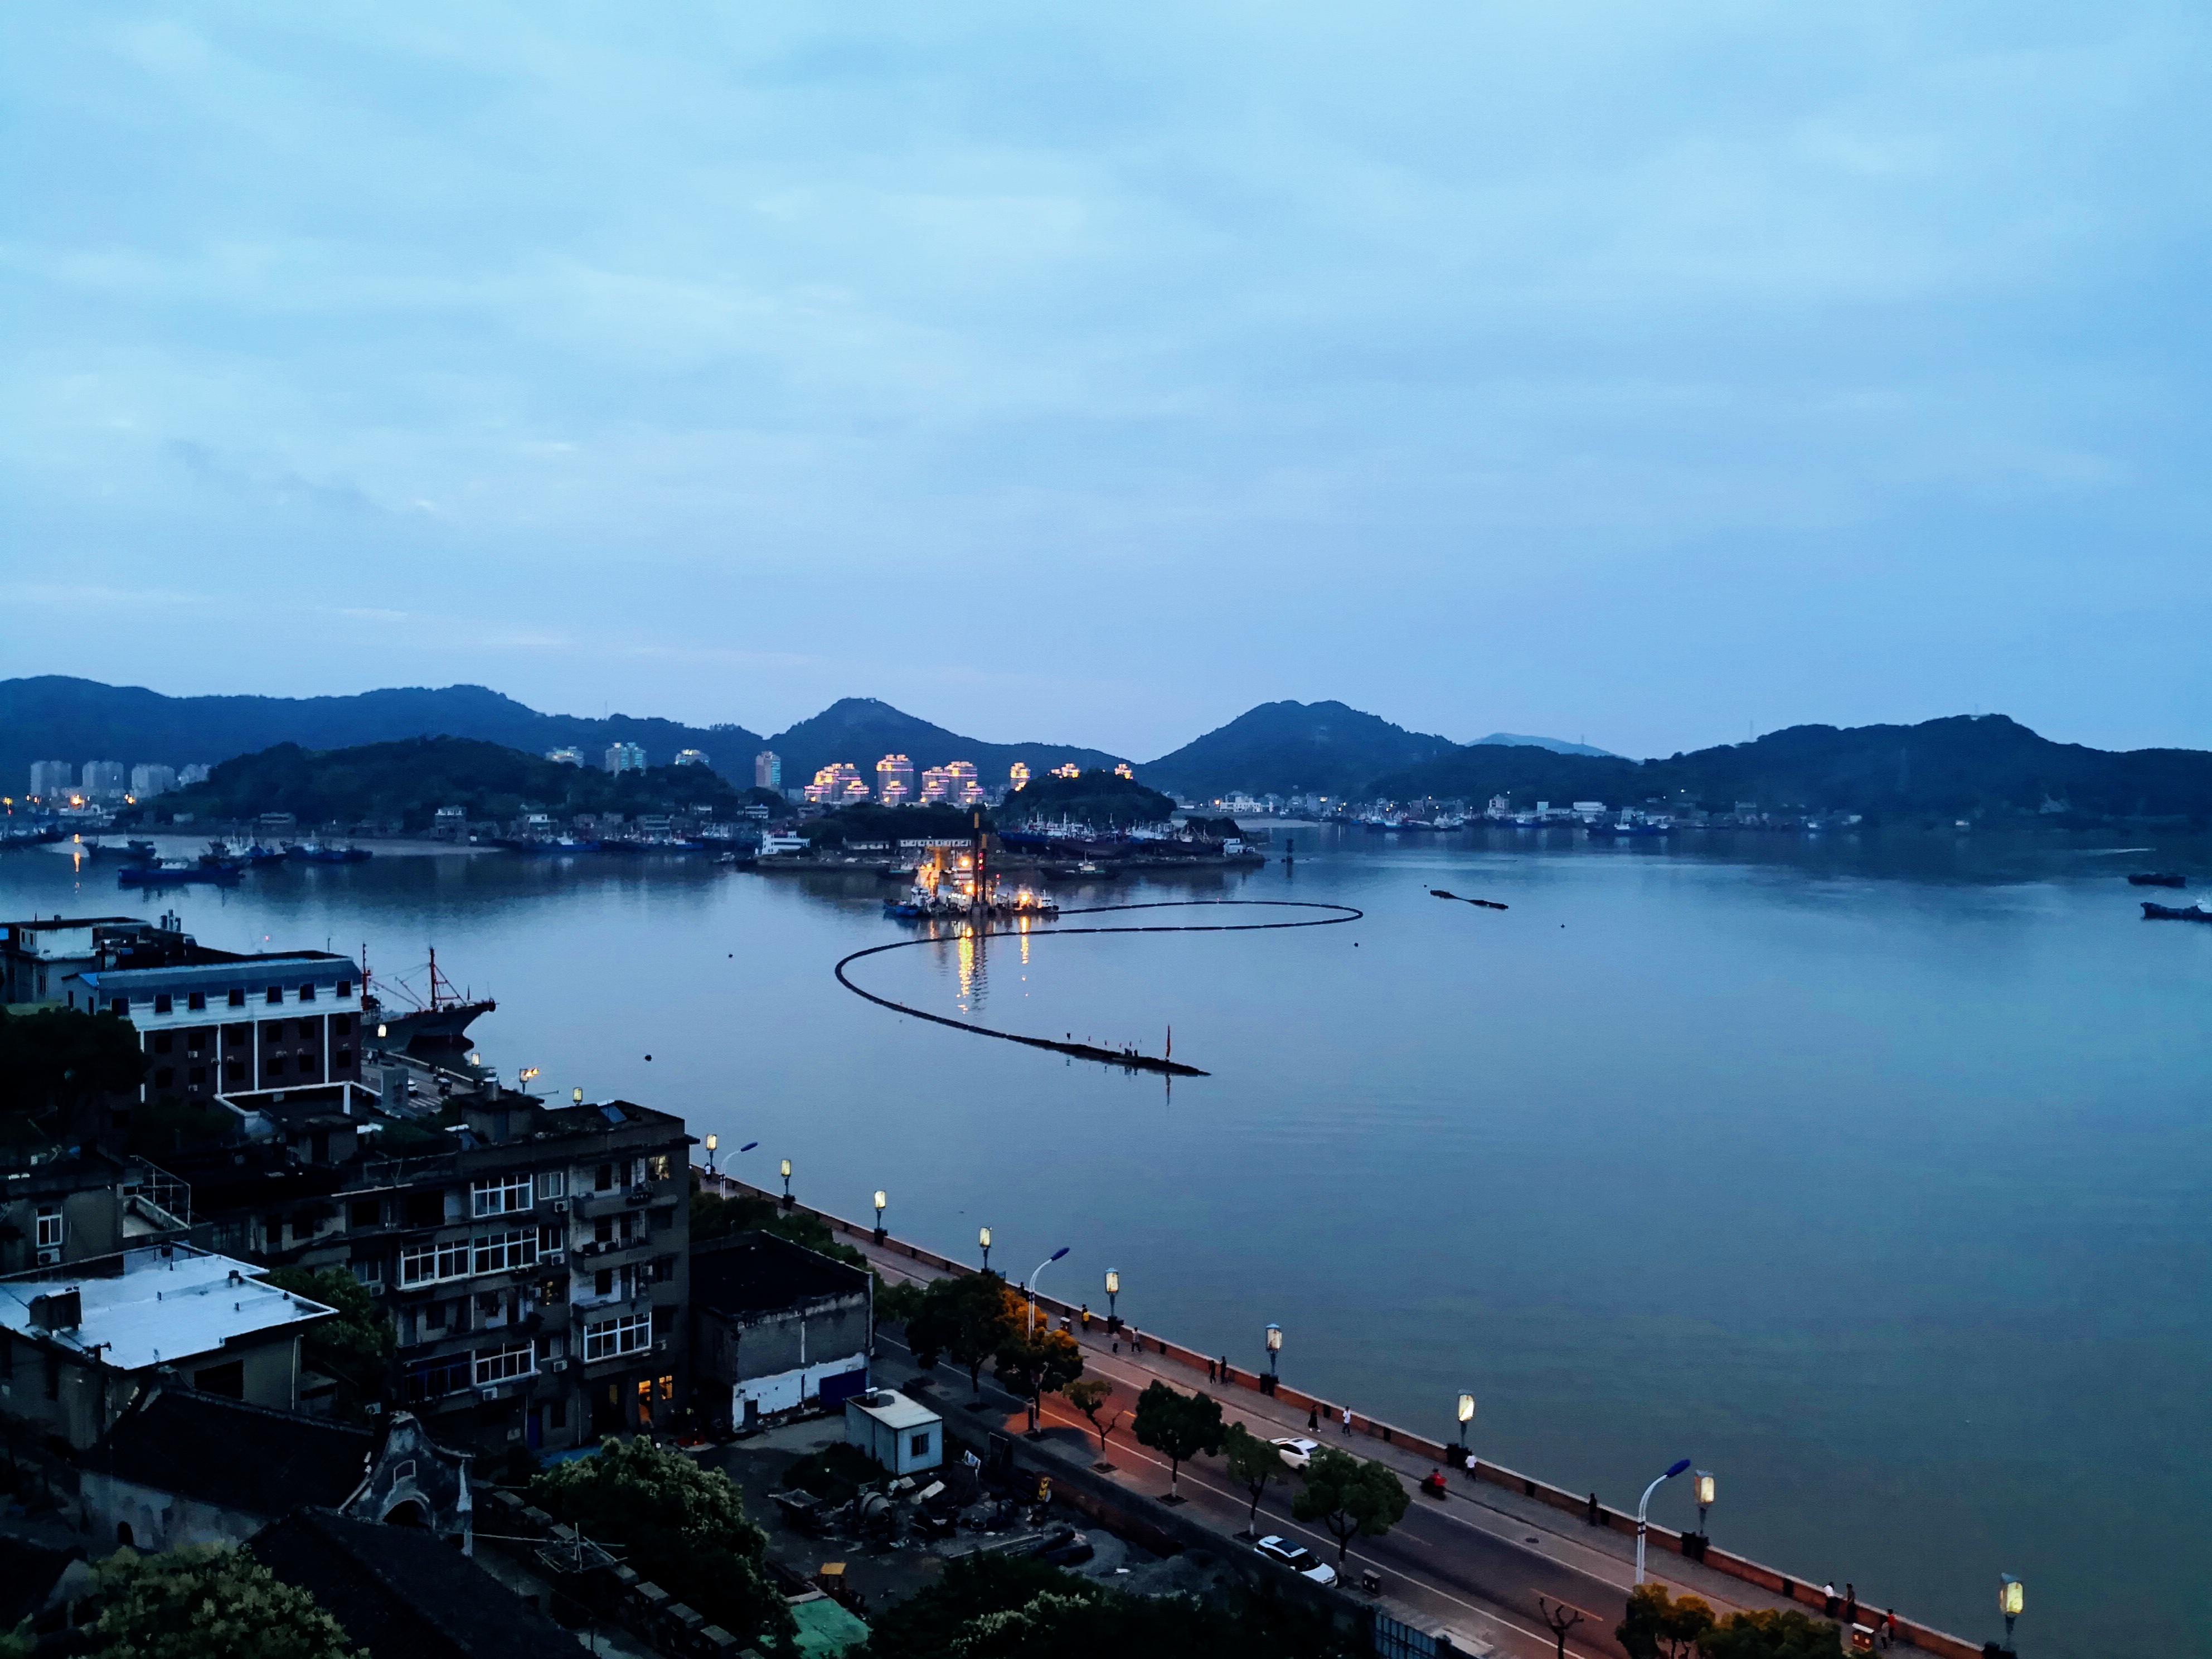 【我是达人】住海滨别墅,吃海鲜大餐,逛渔港古城,象山三日游